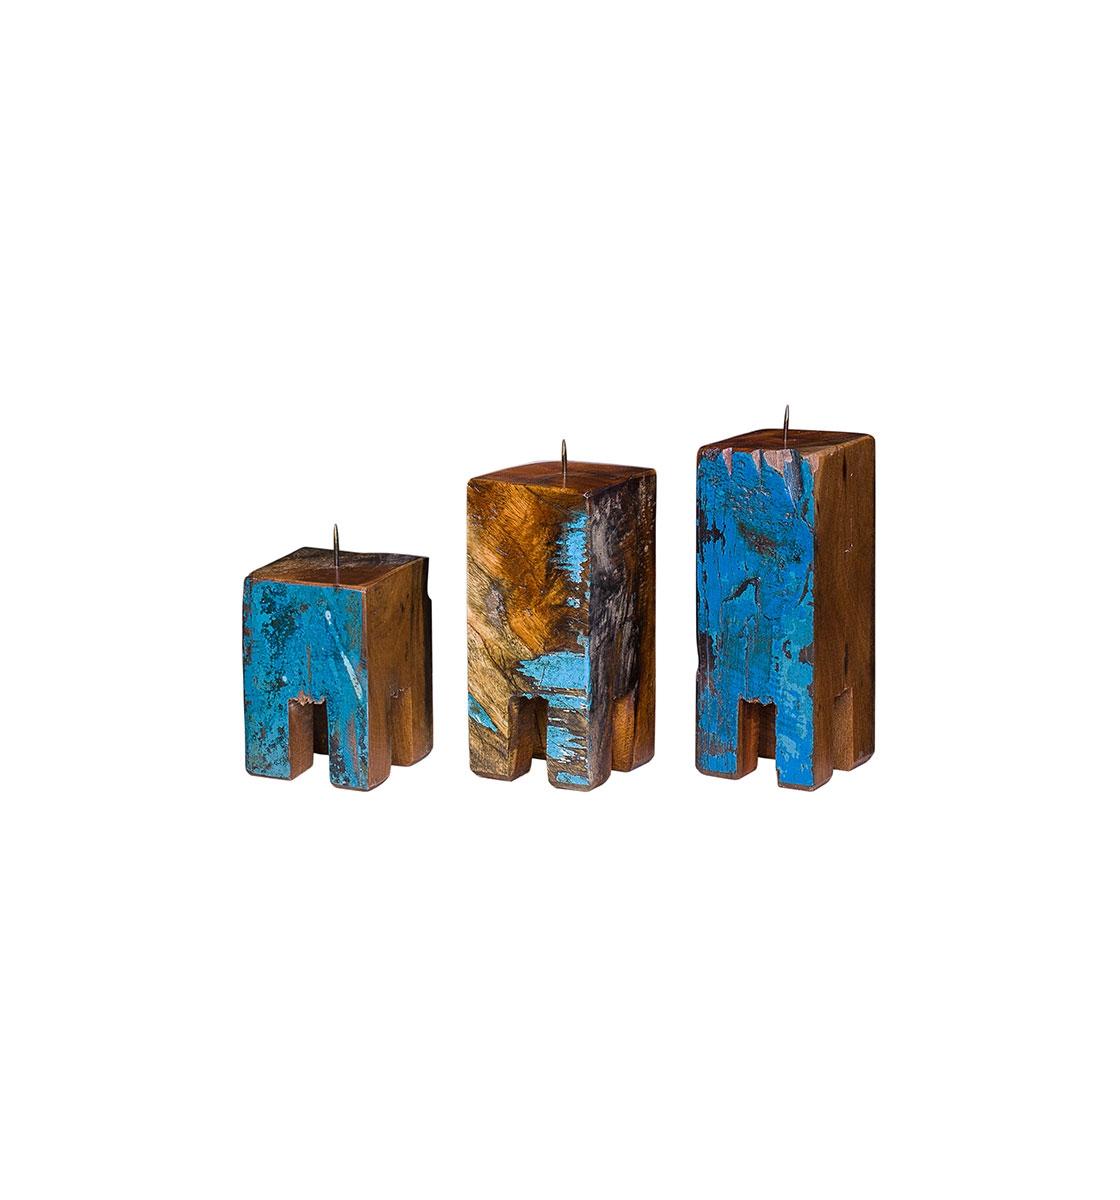 Набор из трех подсвечников Гарри ПоттерПодсвечники<br>Три подсвечника разной высоты (12, 17 и 20 см.), выполненные из массива древесины старого рыбацкого судна с сохранением оригинальной многослойной окраски.<br><br>Подходит для использования как внутри помещения, так и снаружи.<br><br>Material: Тик<br>Ширина см: 30.0<br>Высота см: 20.0<br>Глубина см: 10.0